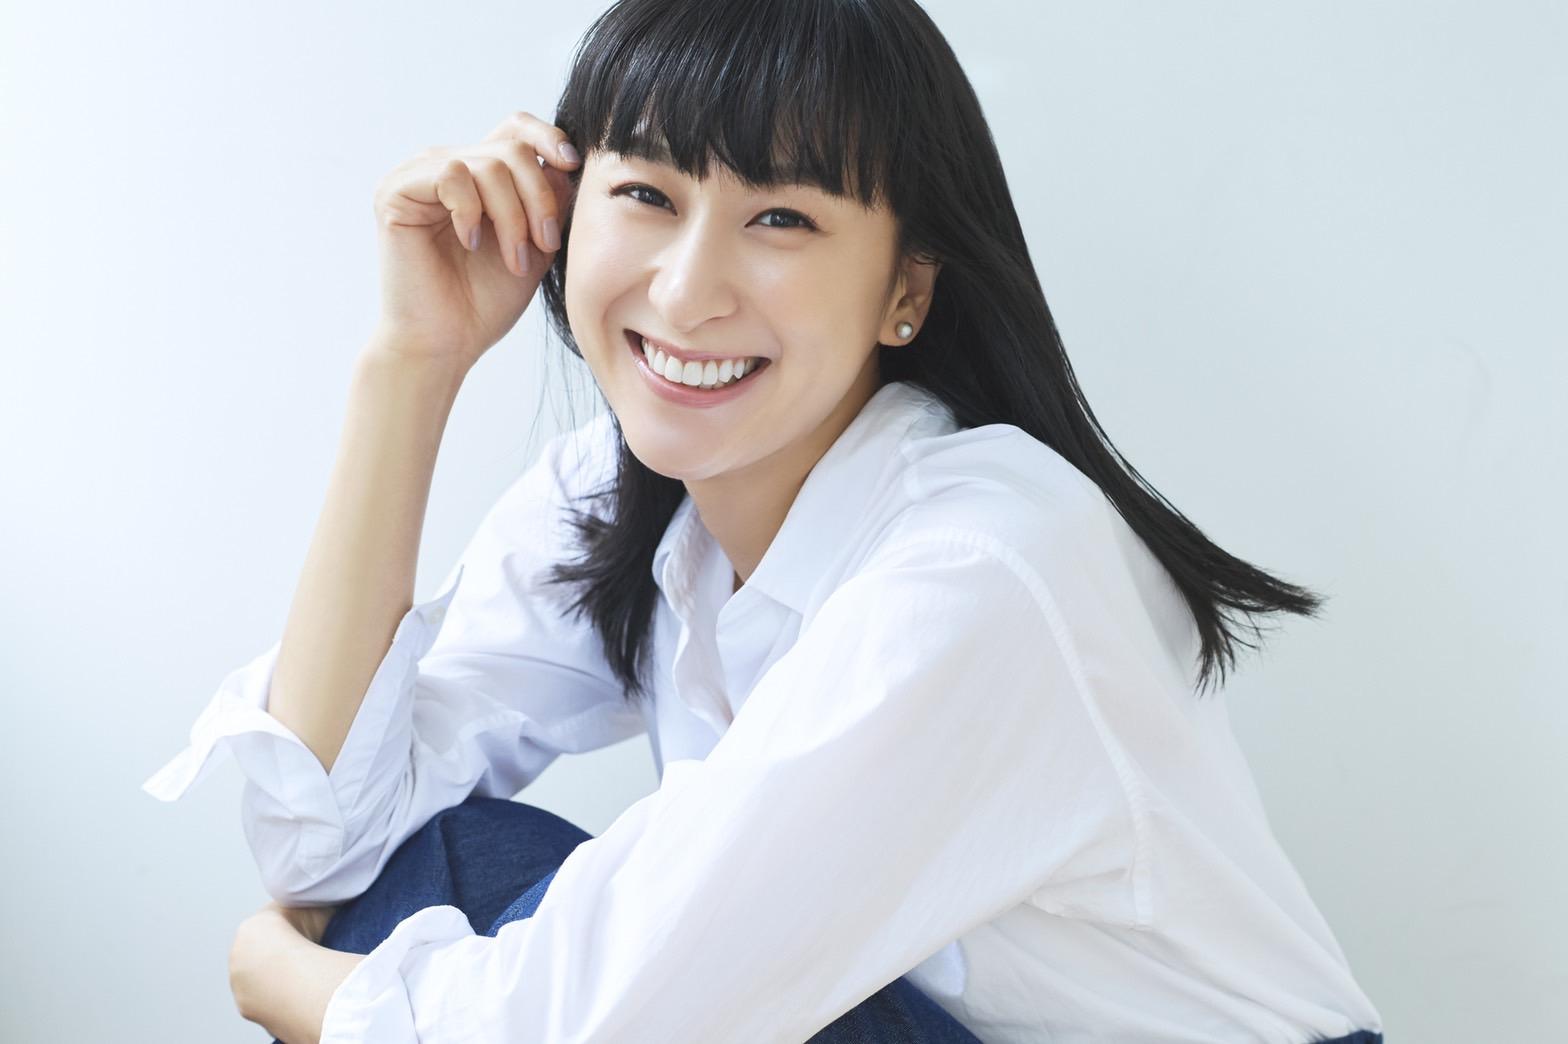 浅田舞マネジメントについてのお知らせ 株式会社roliseのプレスリリース